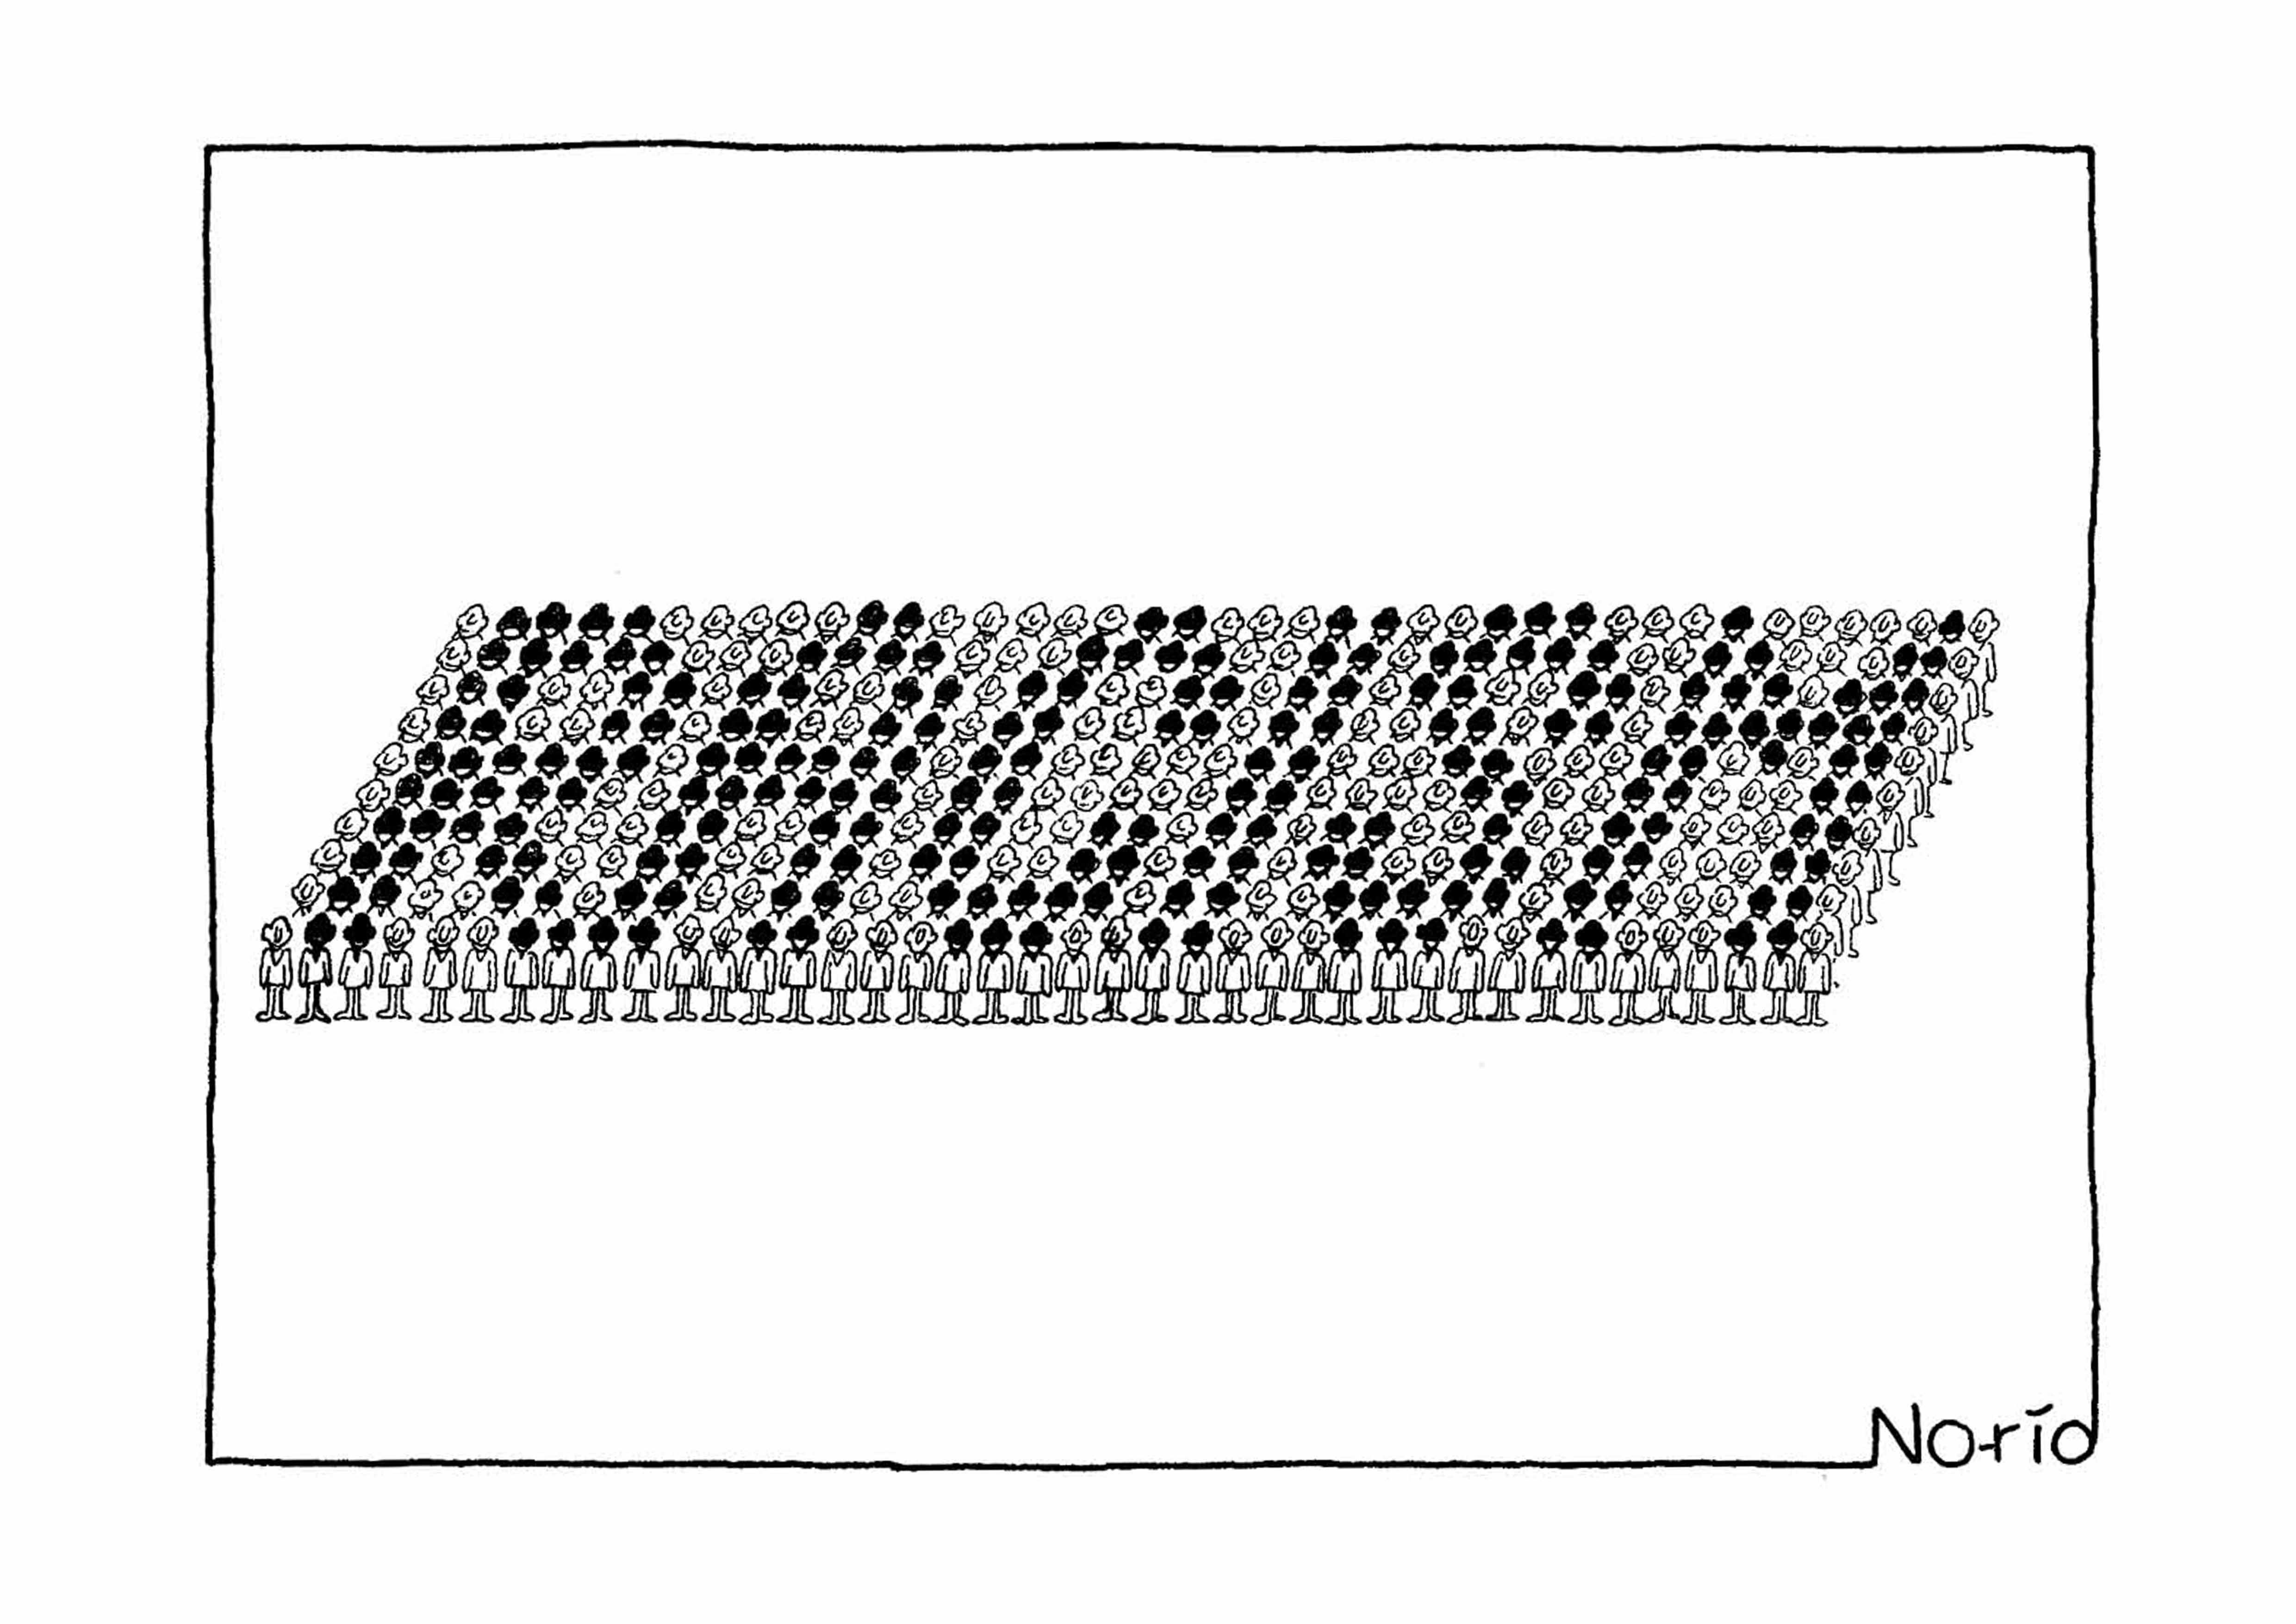 NO-RIO-4